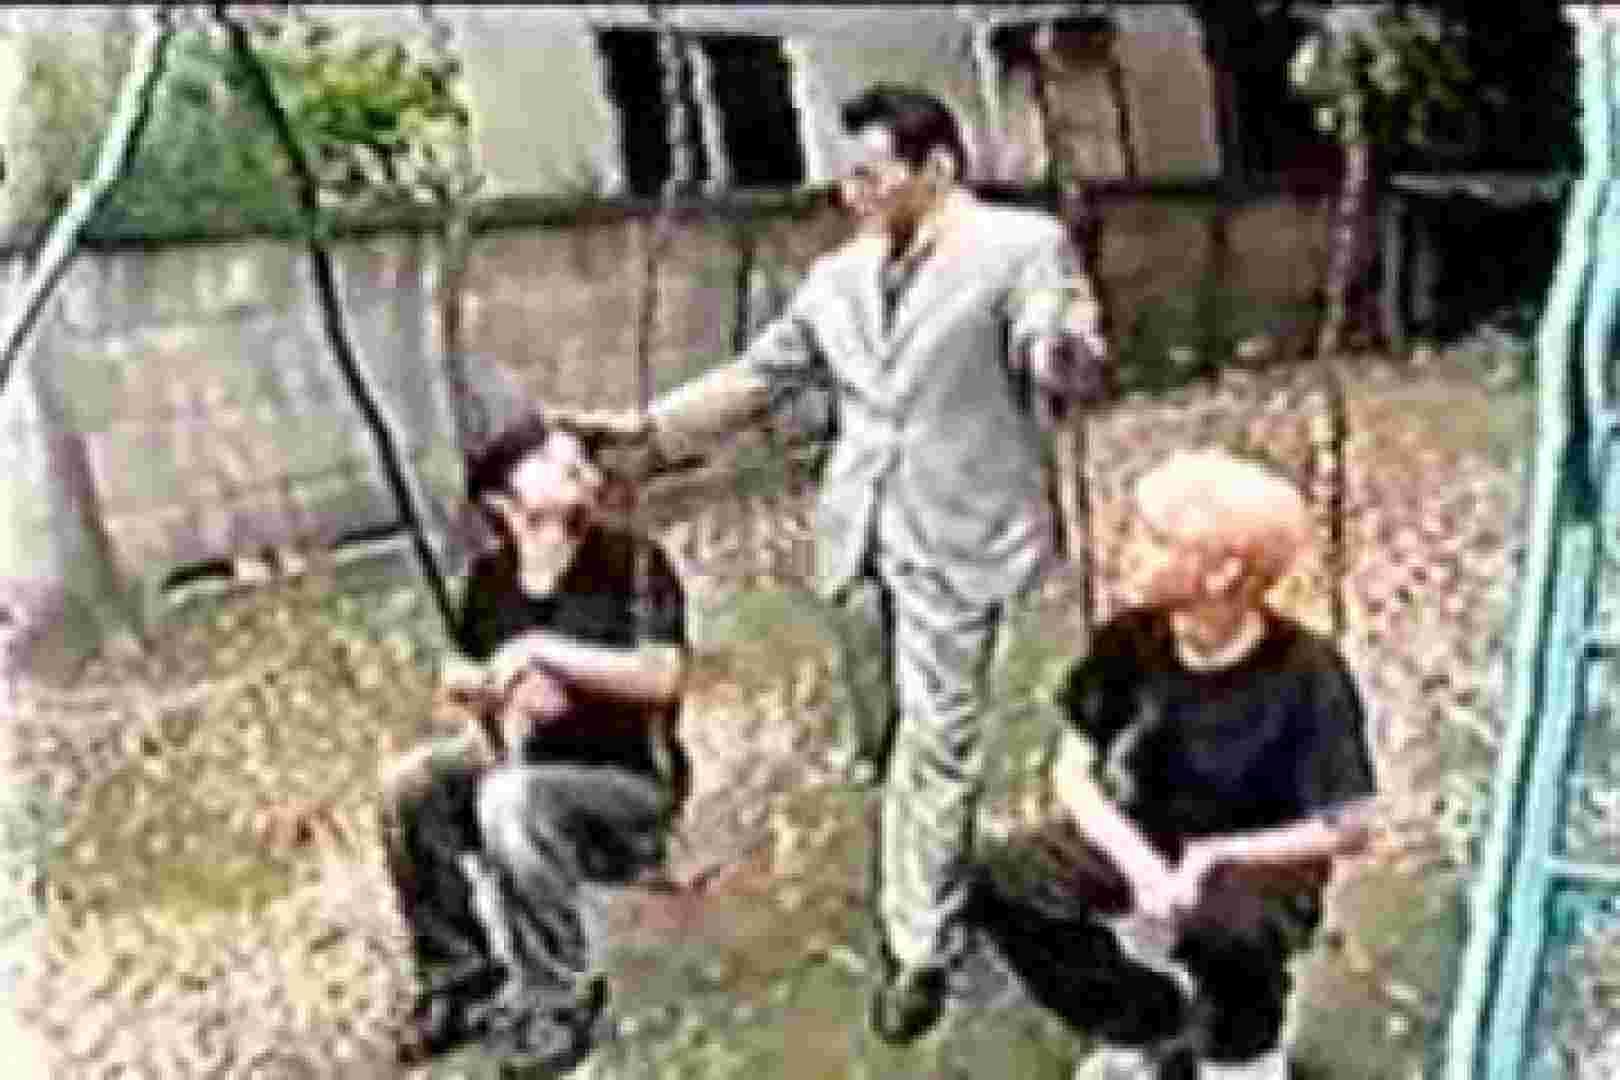 発掘!!10年前のVHSお宝ゲイ動画!! 口穴串挿し ゲイフリーエロ画像 71pic 39